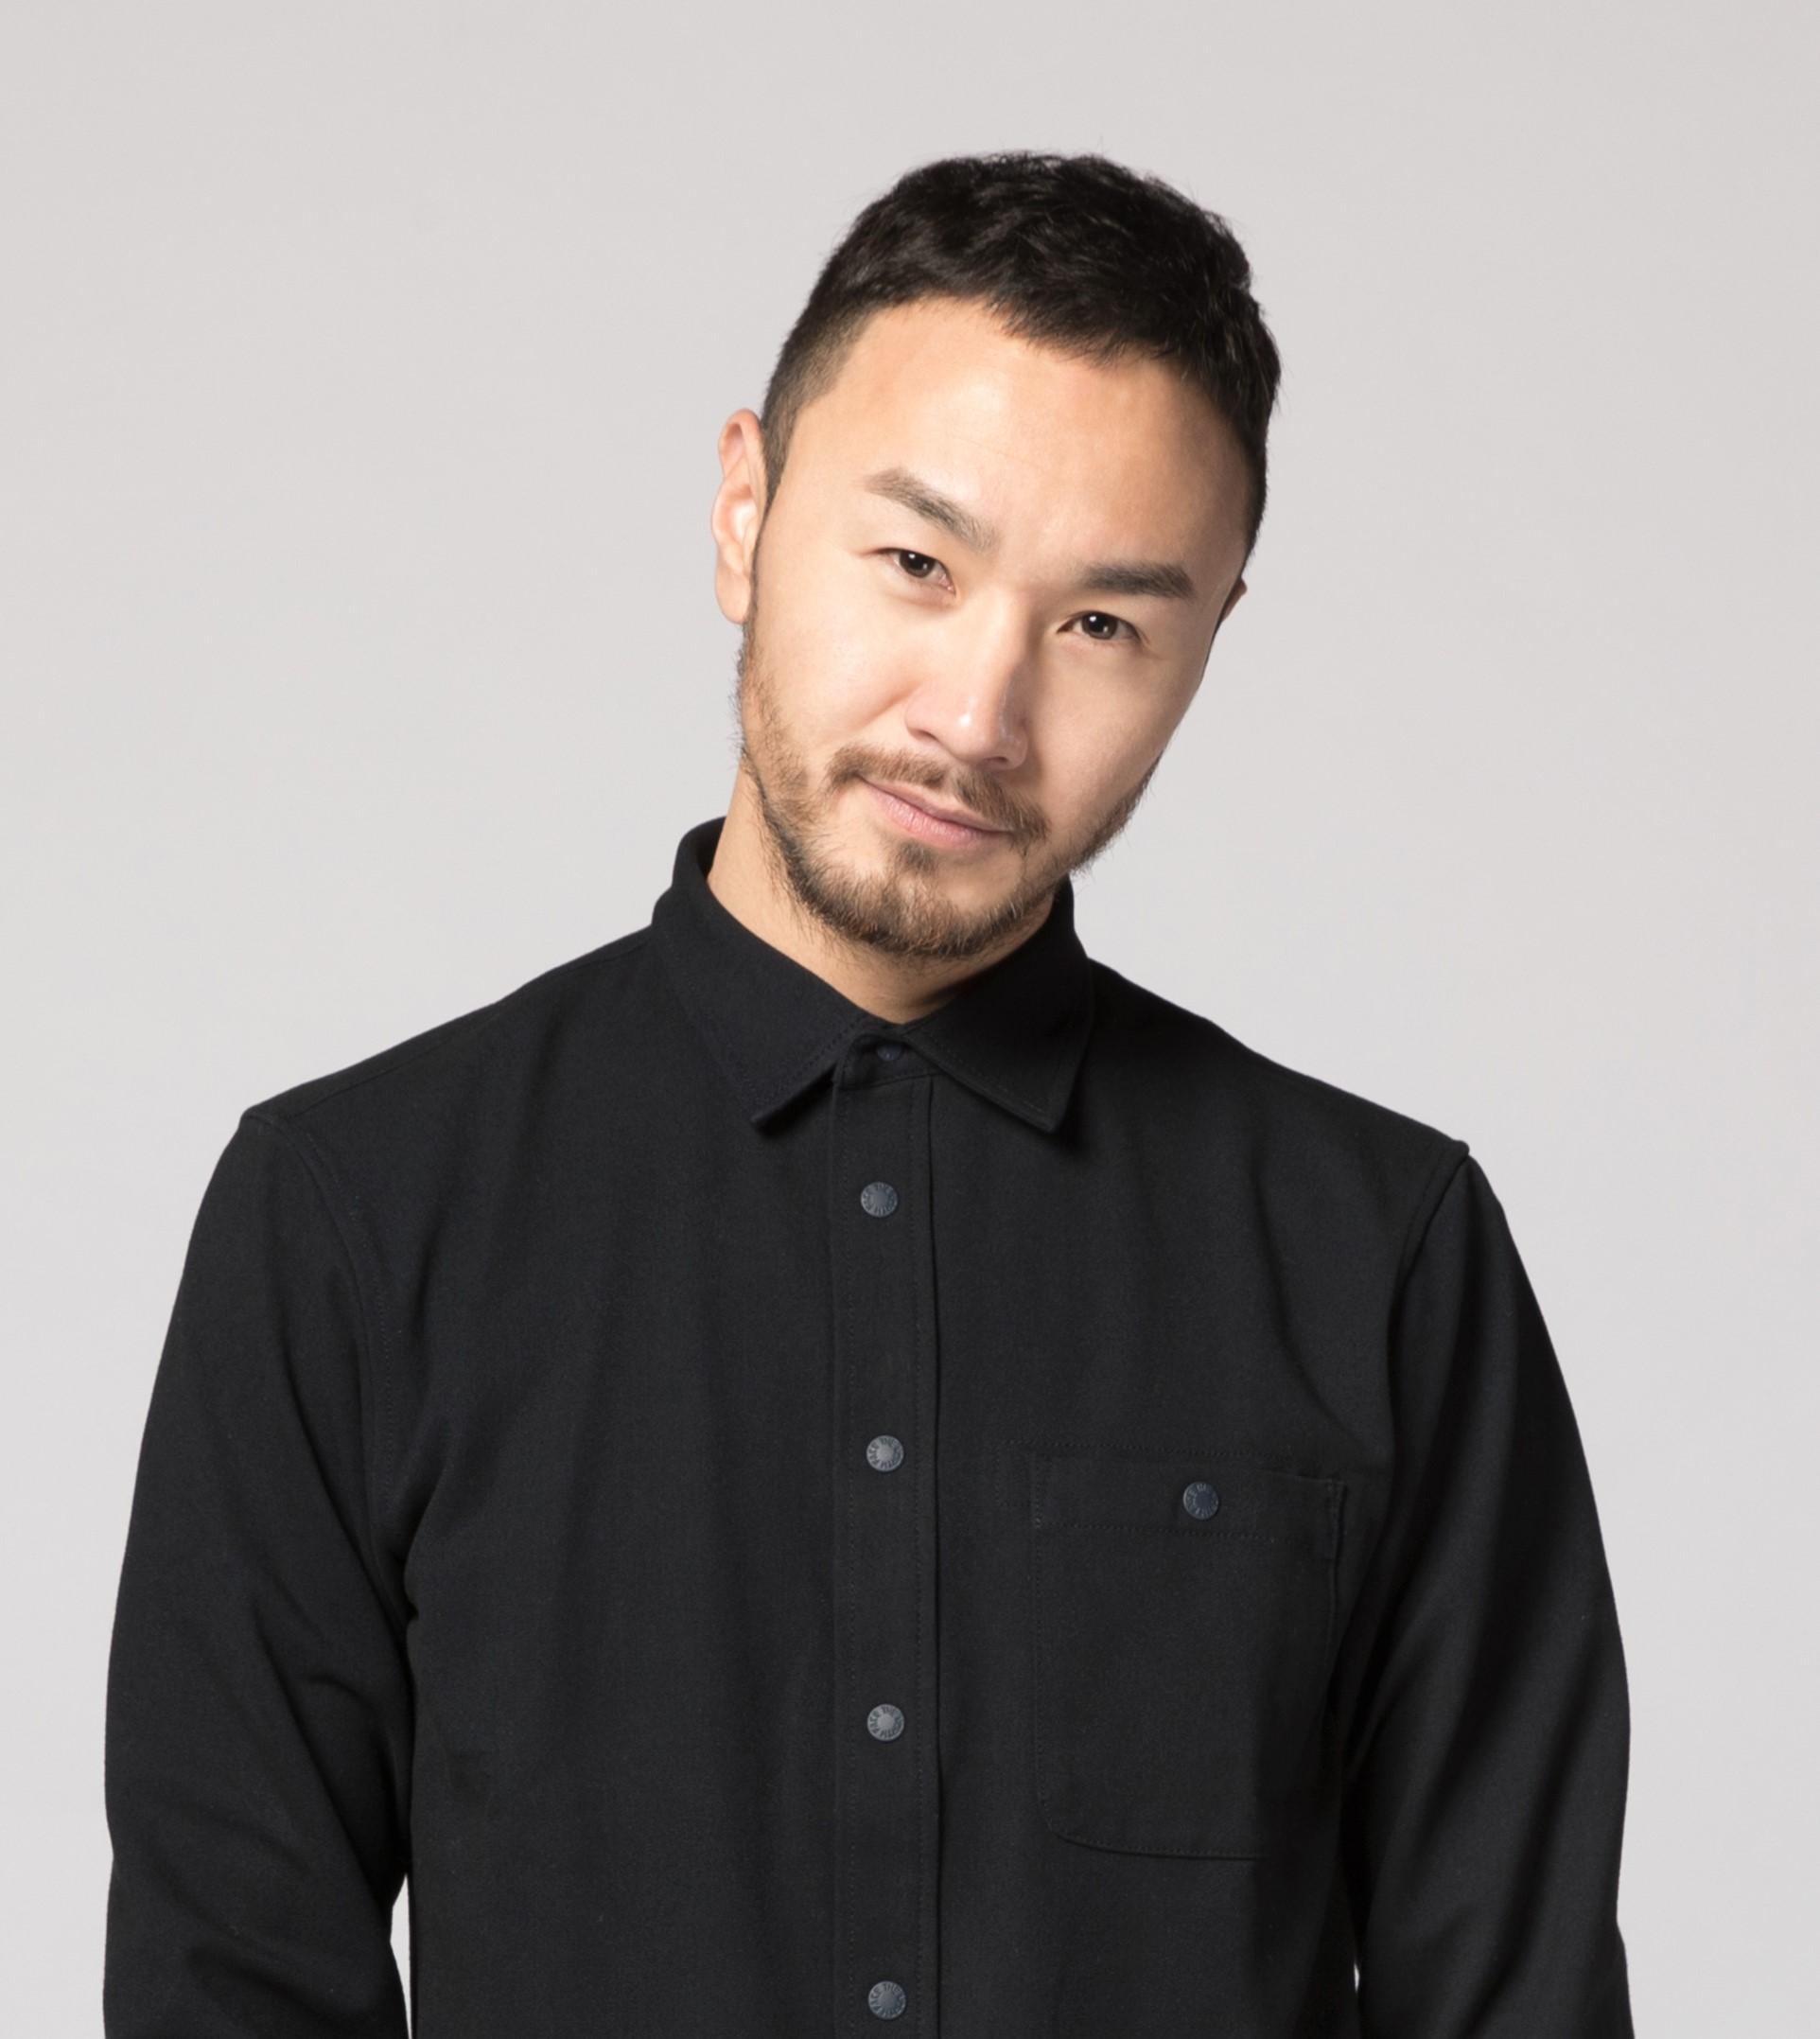 阿迪亚-2018演员照片0142.jpg